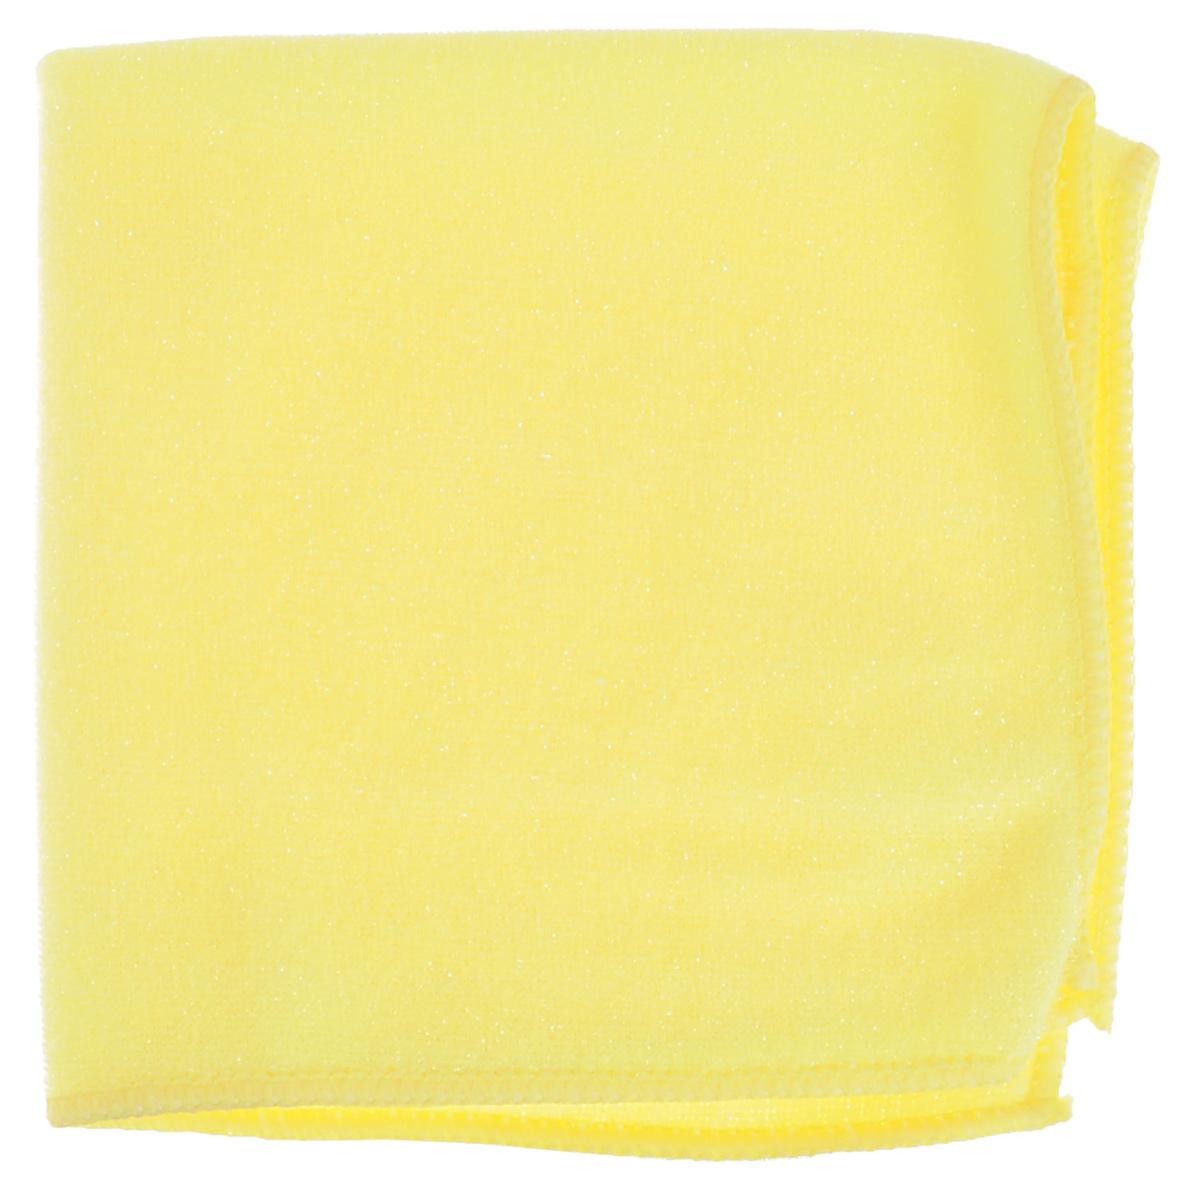 Салфетка из микрофибры York, двухсторонняя, для керамики, цвет: желтый, 30 х 30 см531-105Салфетка York, выполненная из микрофибры, оснащена абразивной сеткой, которая удаляет стойкие загрязнения различного происхождения с твердых неокрашенных и нелакированных покрытий, гладкая сторона эффективно очищает и полирует их. Салфетка из микрофибры эффективна для удаления засохших или пригоревших жировых пятен с плиты, керамической плитки и других поверхностей. Устраняет известковые подтеки и недавно появившиеся известковые отложения с сантехники, кранов, плитки, металлических, керамических, стеклянных и пластиковых поверхностей. Салфетка может использоваться для сухой и влажной уборки, в том числе с моющими средствами. Не оставляет разводов и ворсинок.Размер салфетки: 30 см х 30 см.